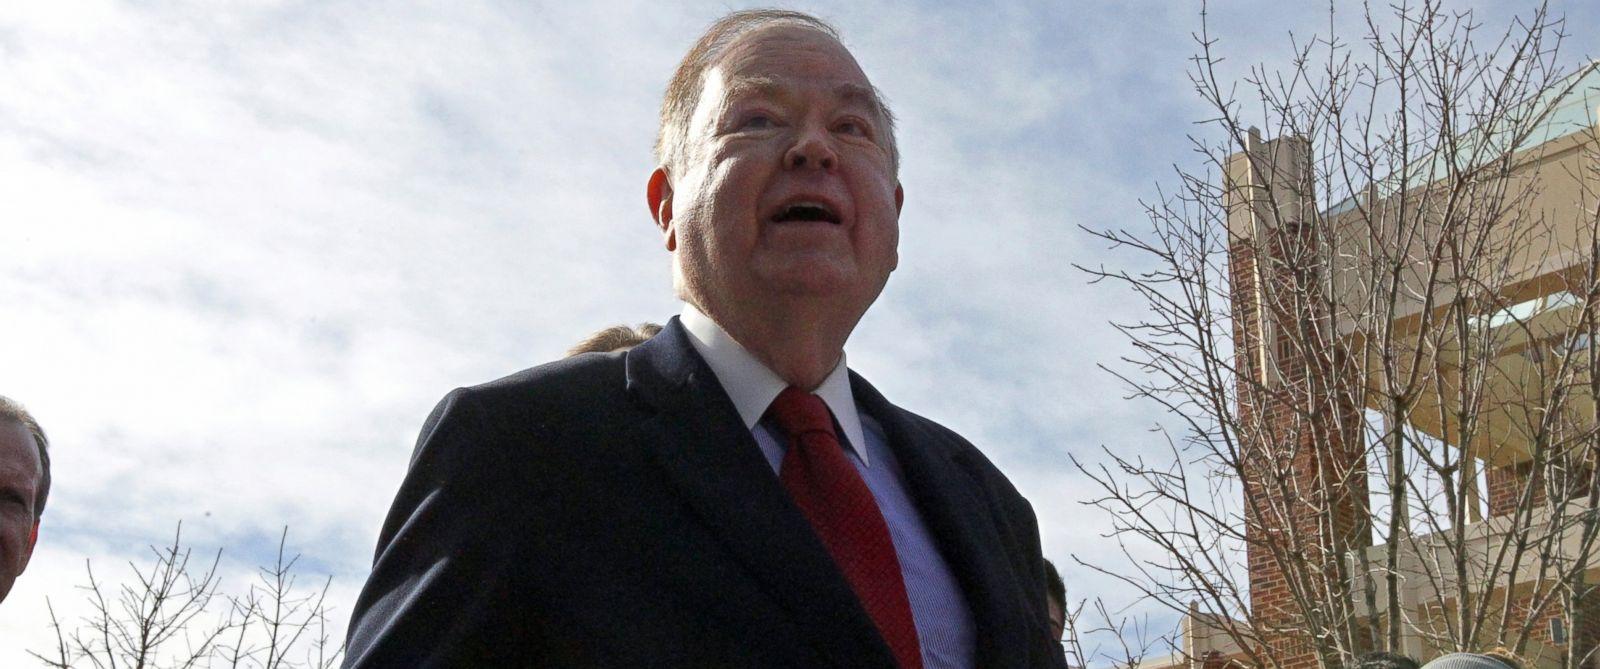 PHOTO: University of Oklahoma President David Boren speaks on the University of Oklahomas campus in Norman, Okla., Jan. 22, 2014.